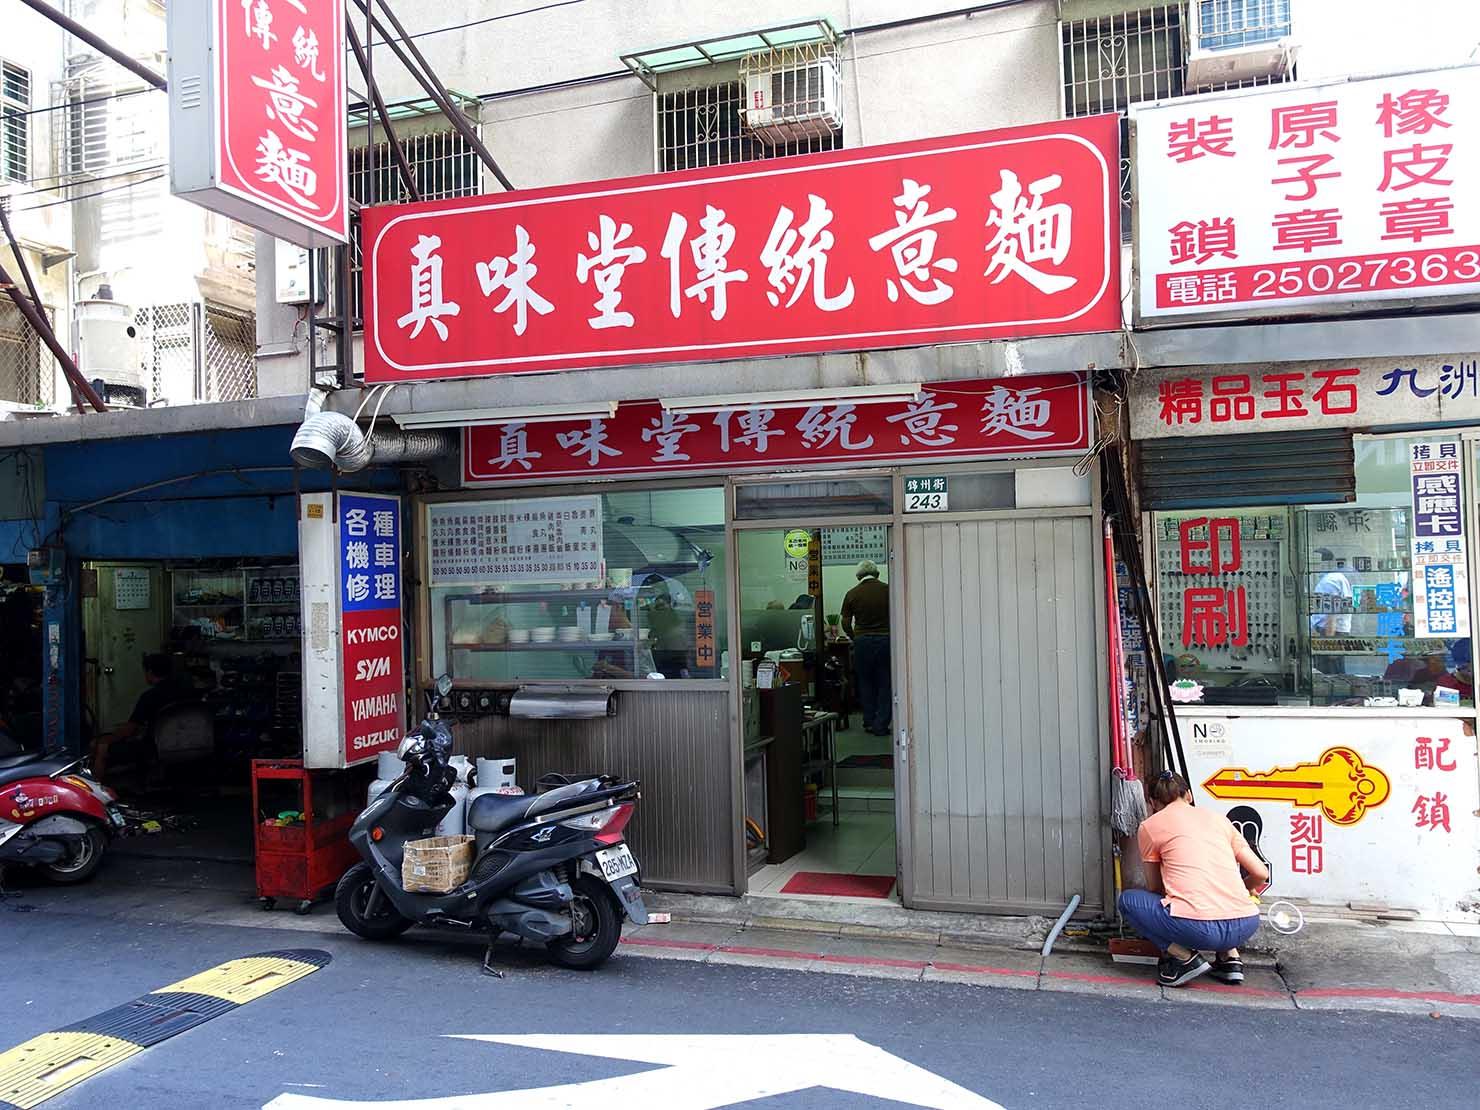 台北・行天宮のおすすめグルメ店「真味堂傳統意麵」の外観